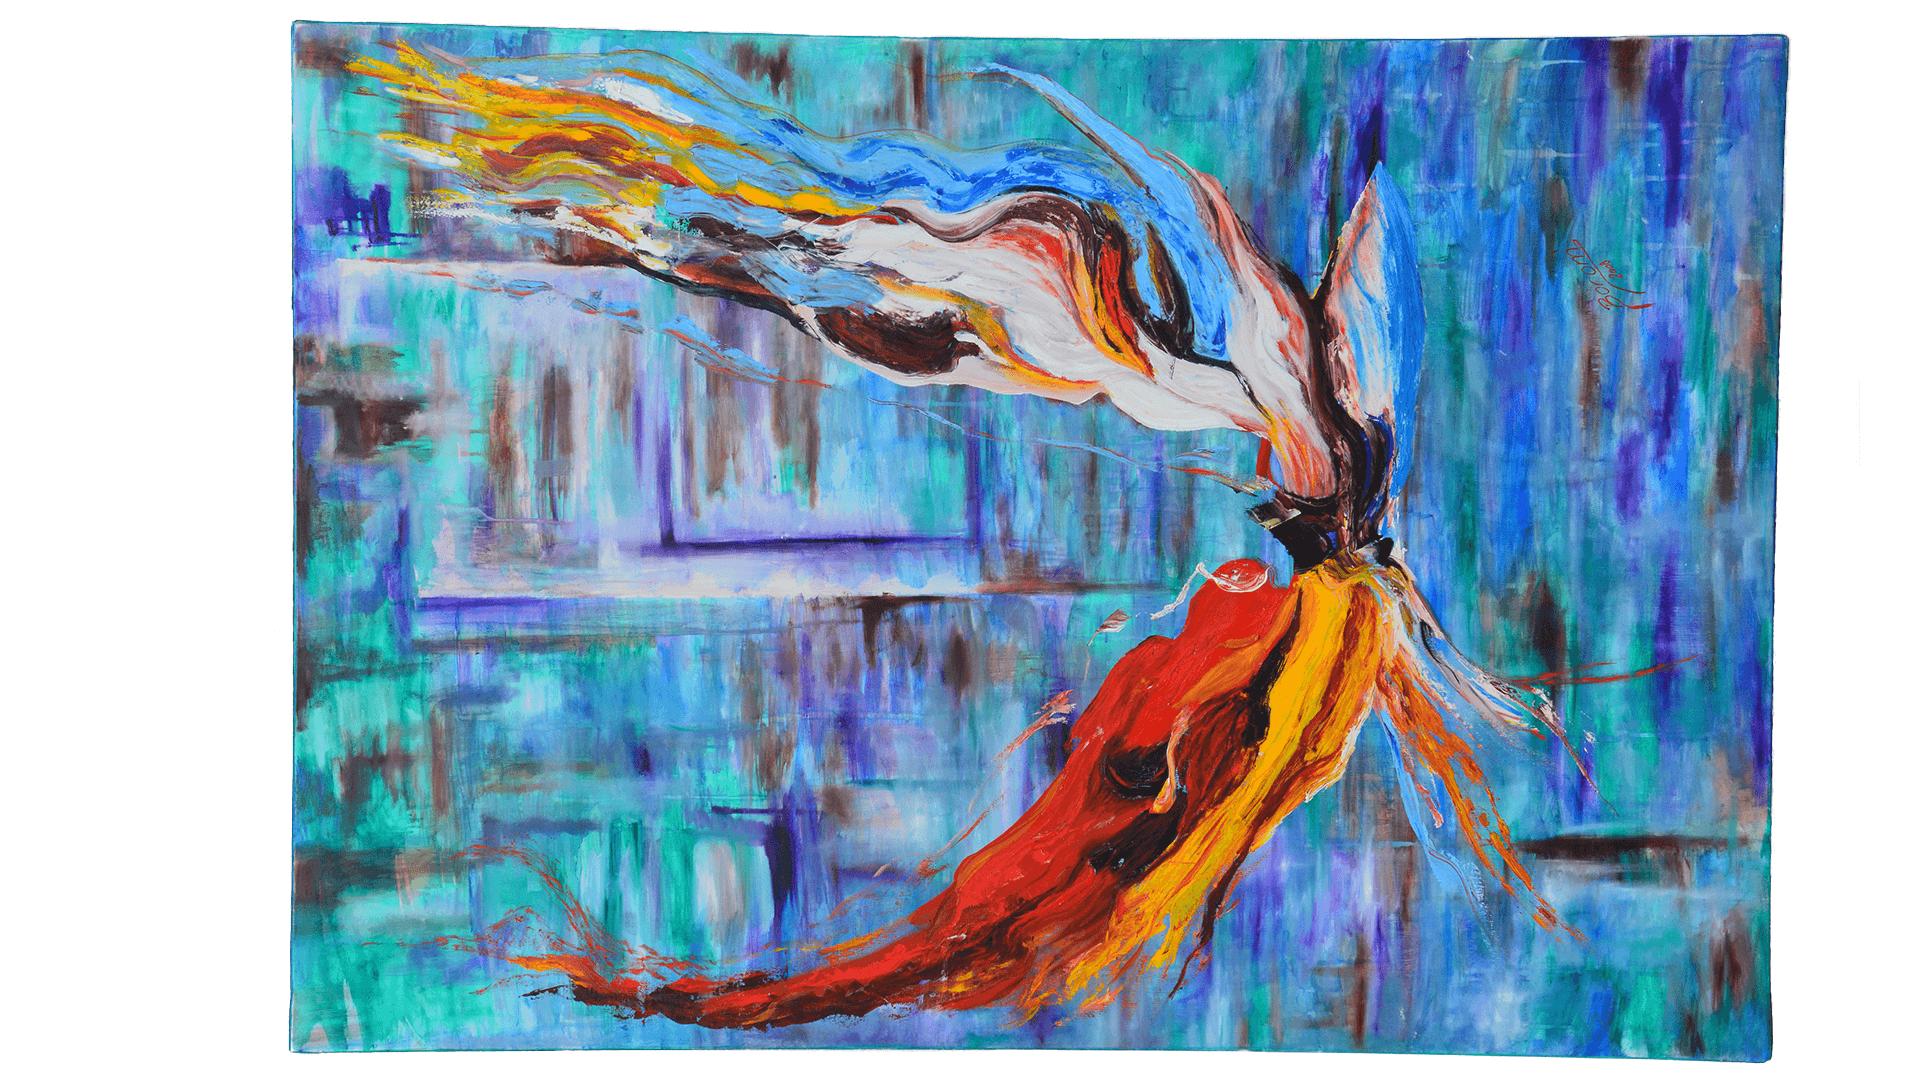 Borombovits Magdolna Felemelkedés – Ascension